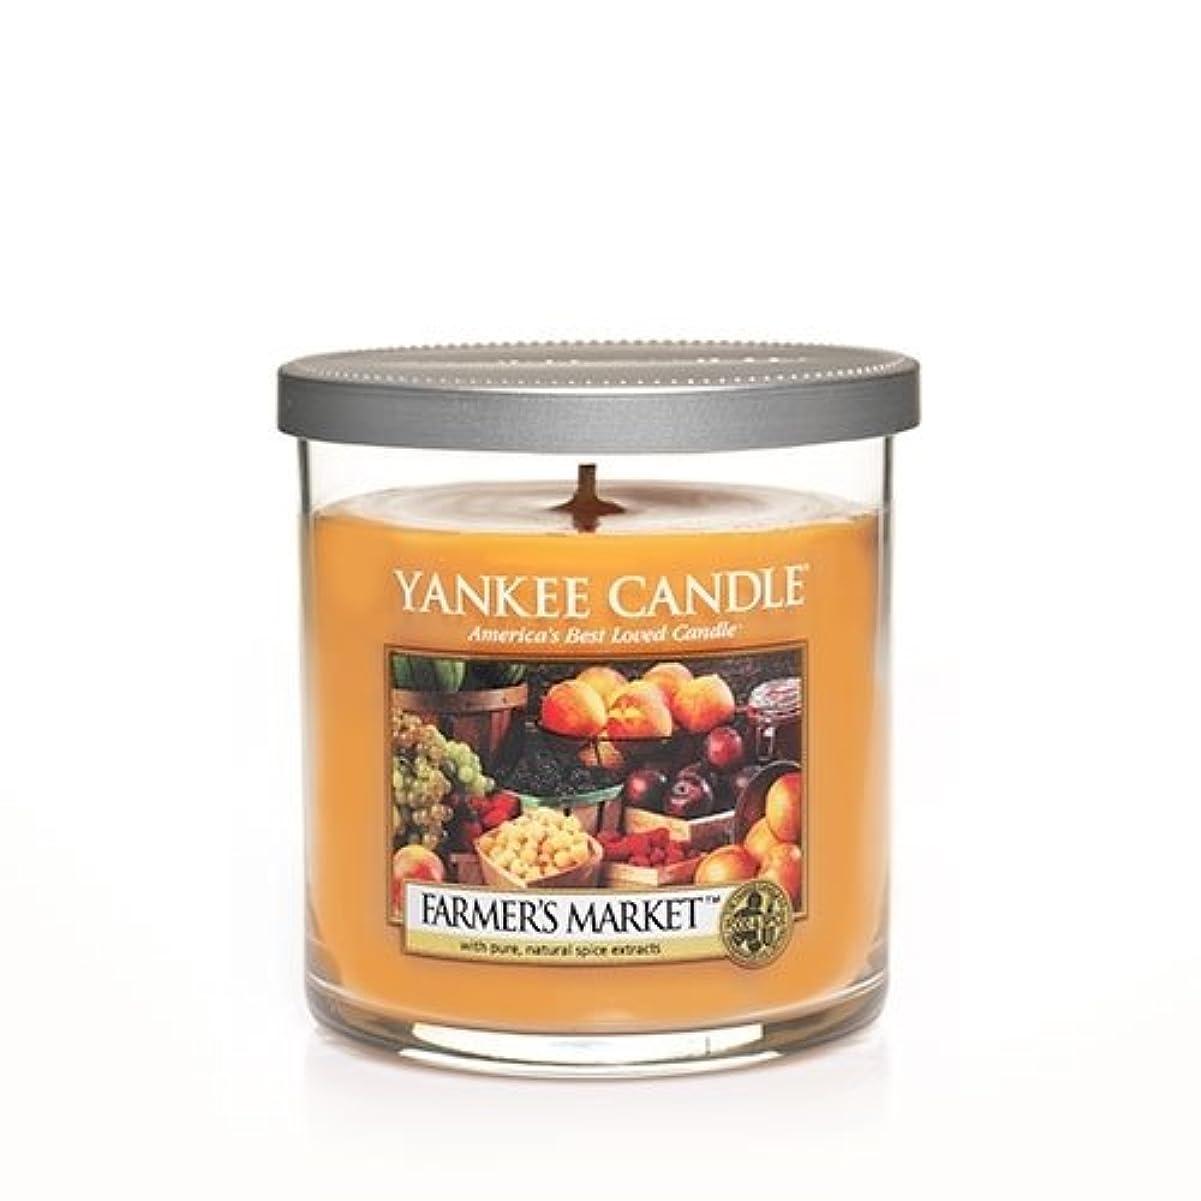 促進する支援患者Yankee Candle Farmer 's Market, Food & Spice香り Small Tumbler Candles 1163563